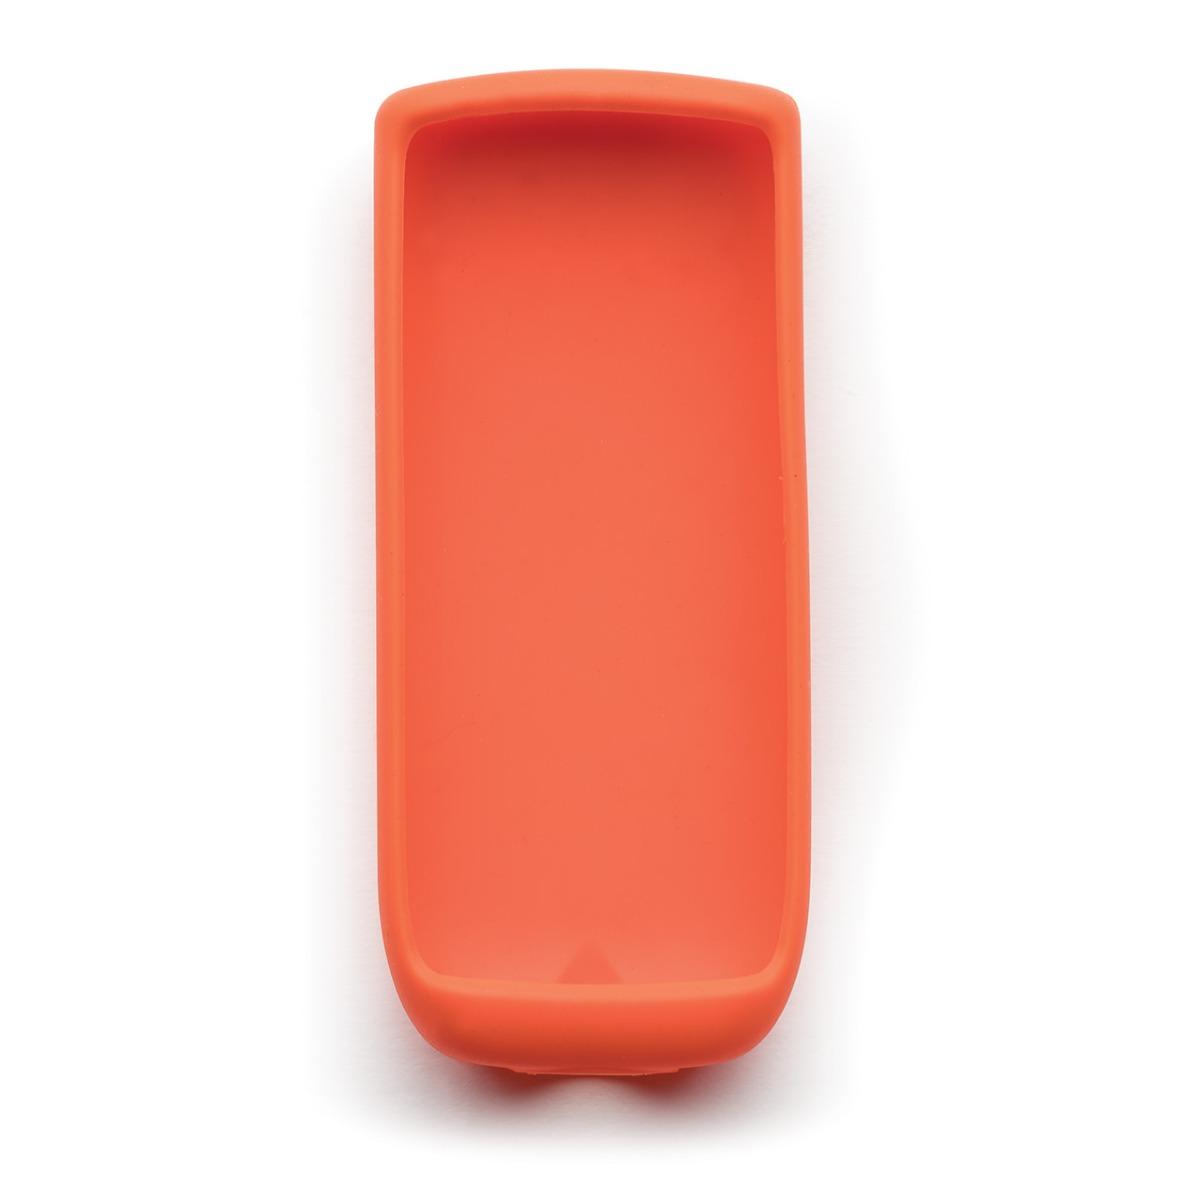 HI710028 Shockproof Rubber Boot (Orange)